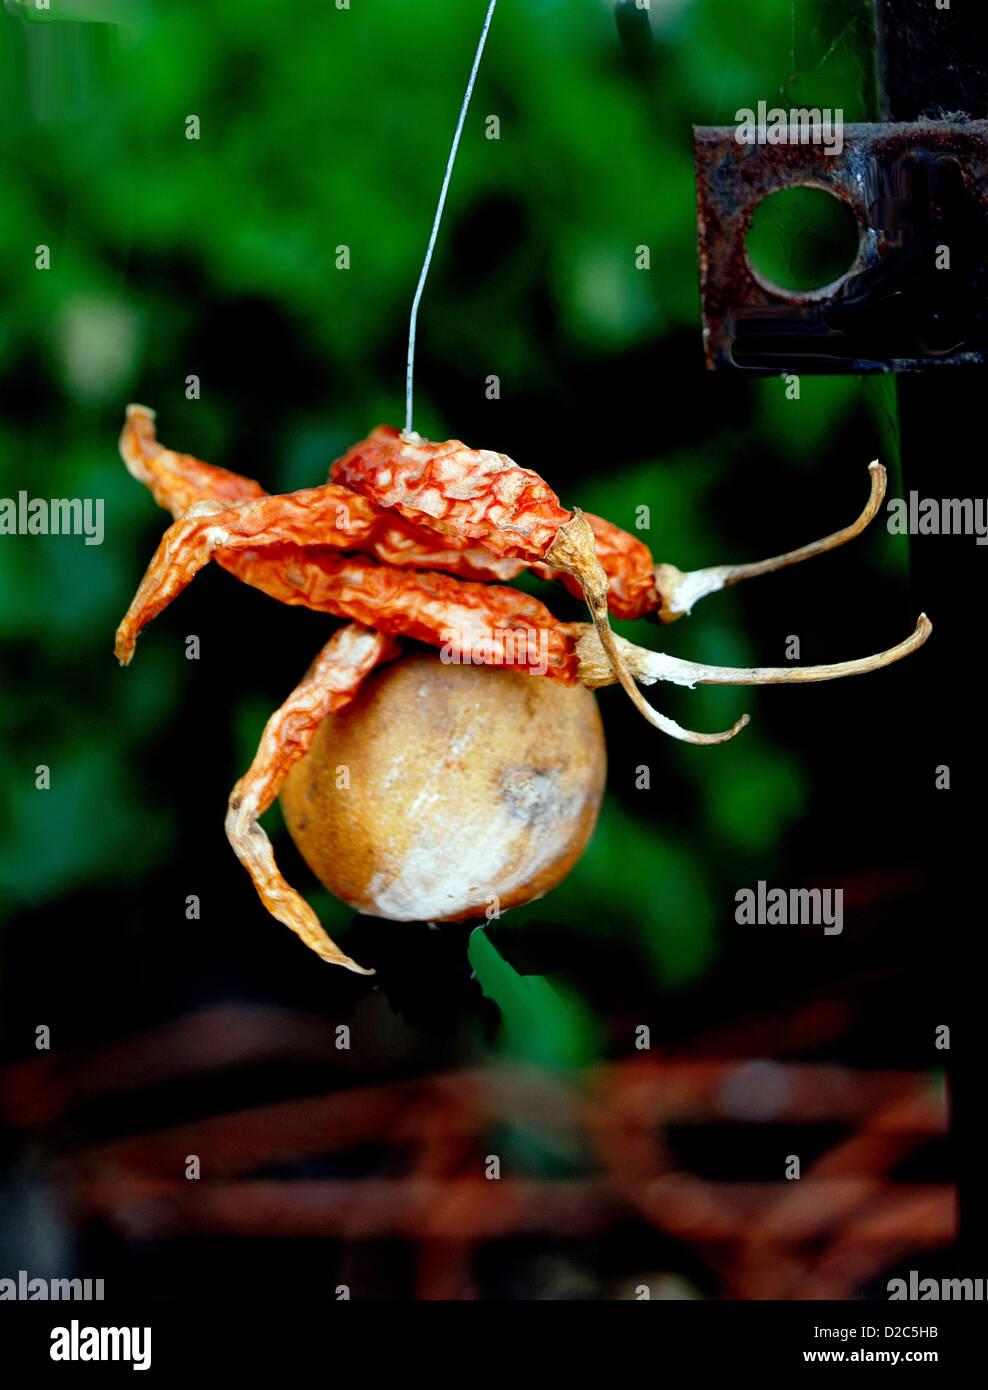 Concept de la superstition, la pendaison Thread de piments rouges secs et de citron, de l'Inde Banque D'Images